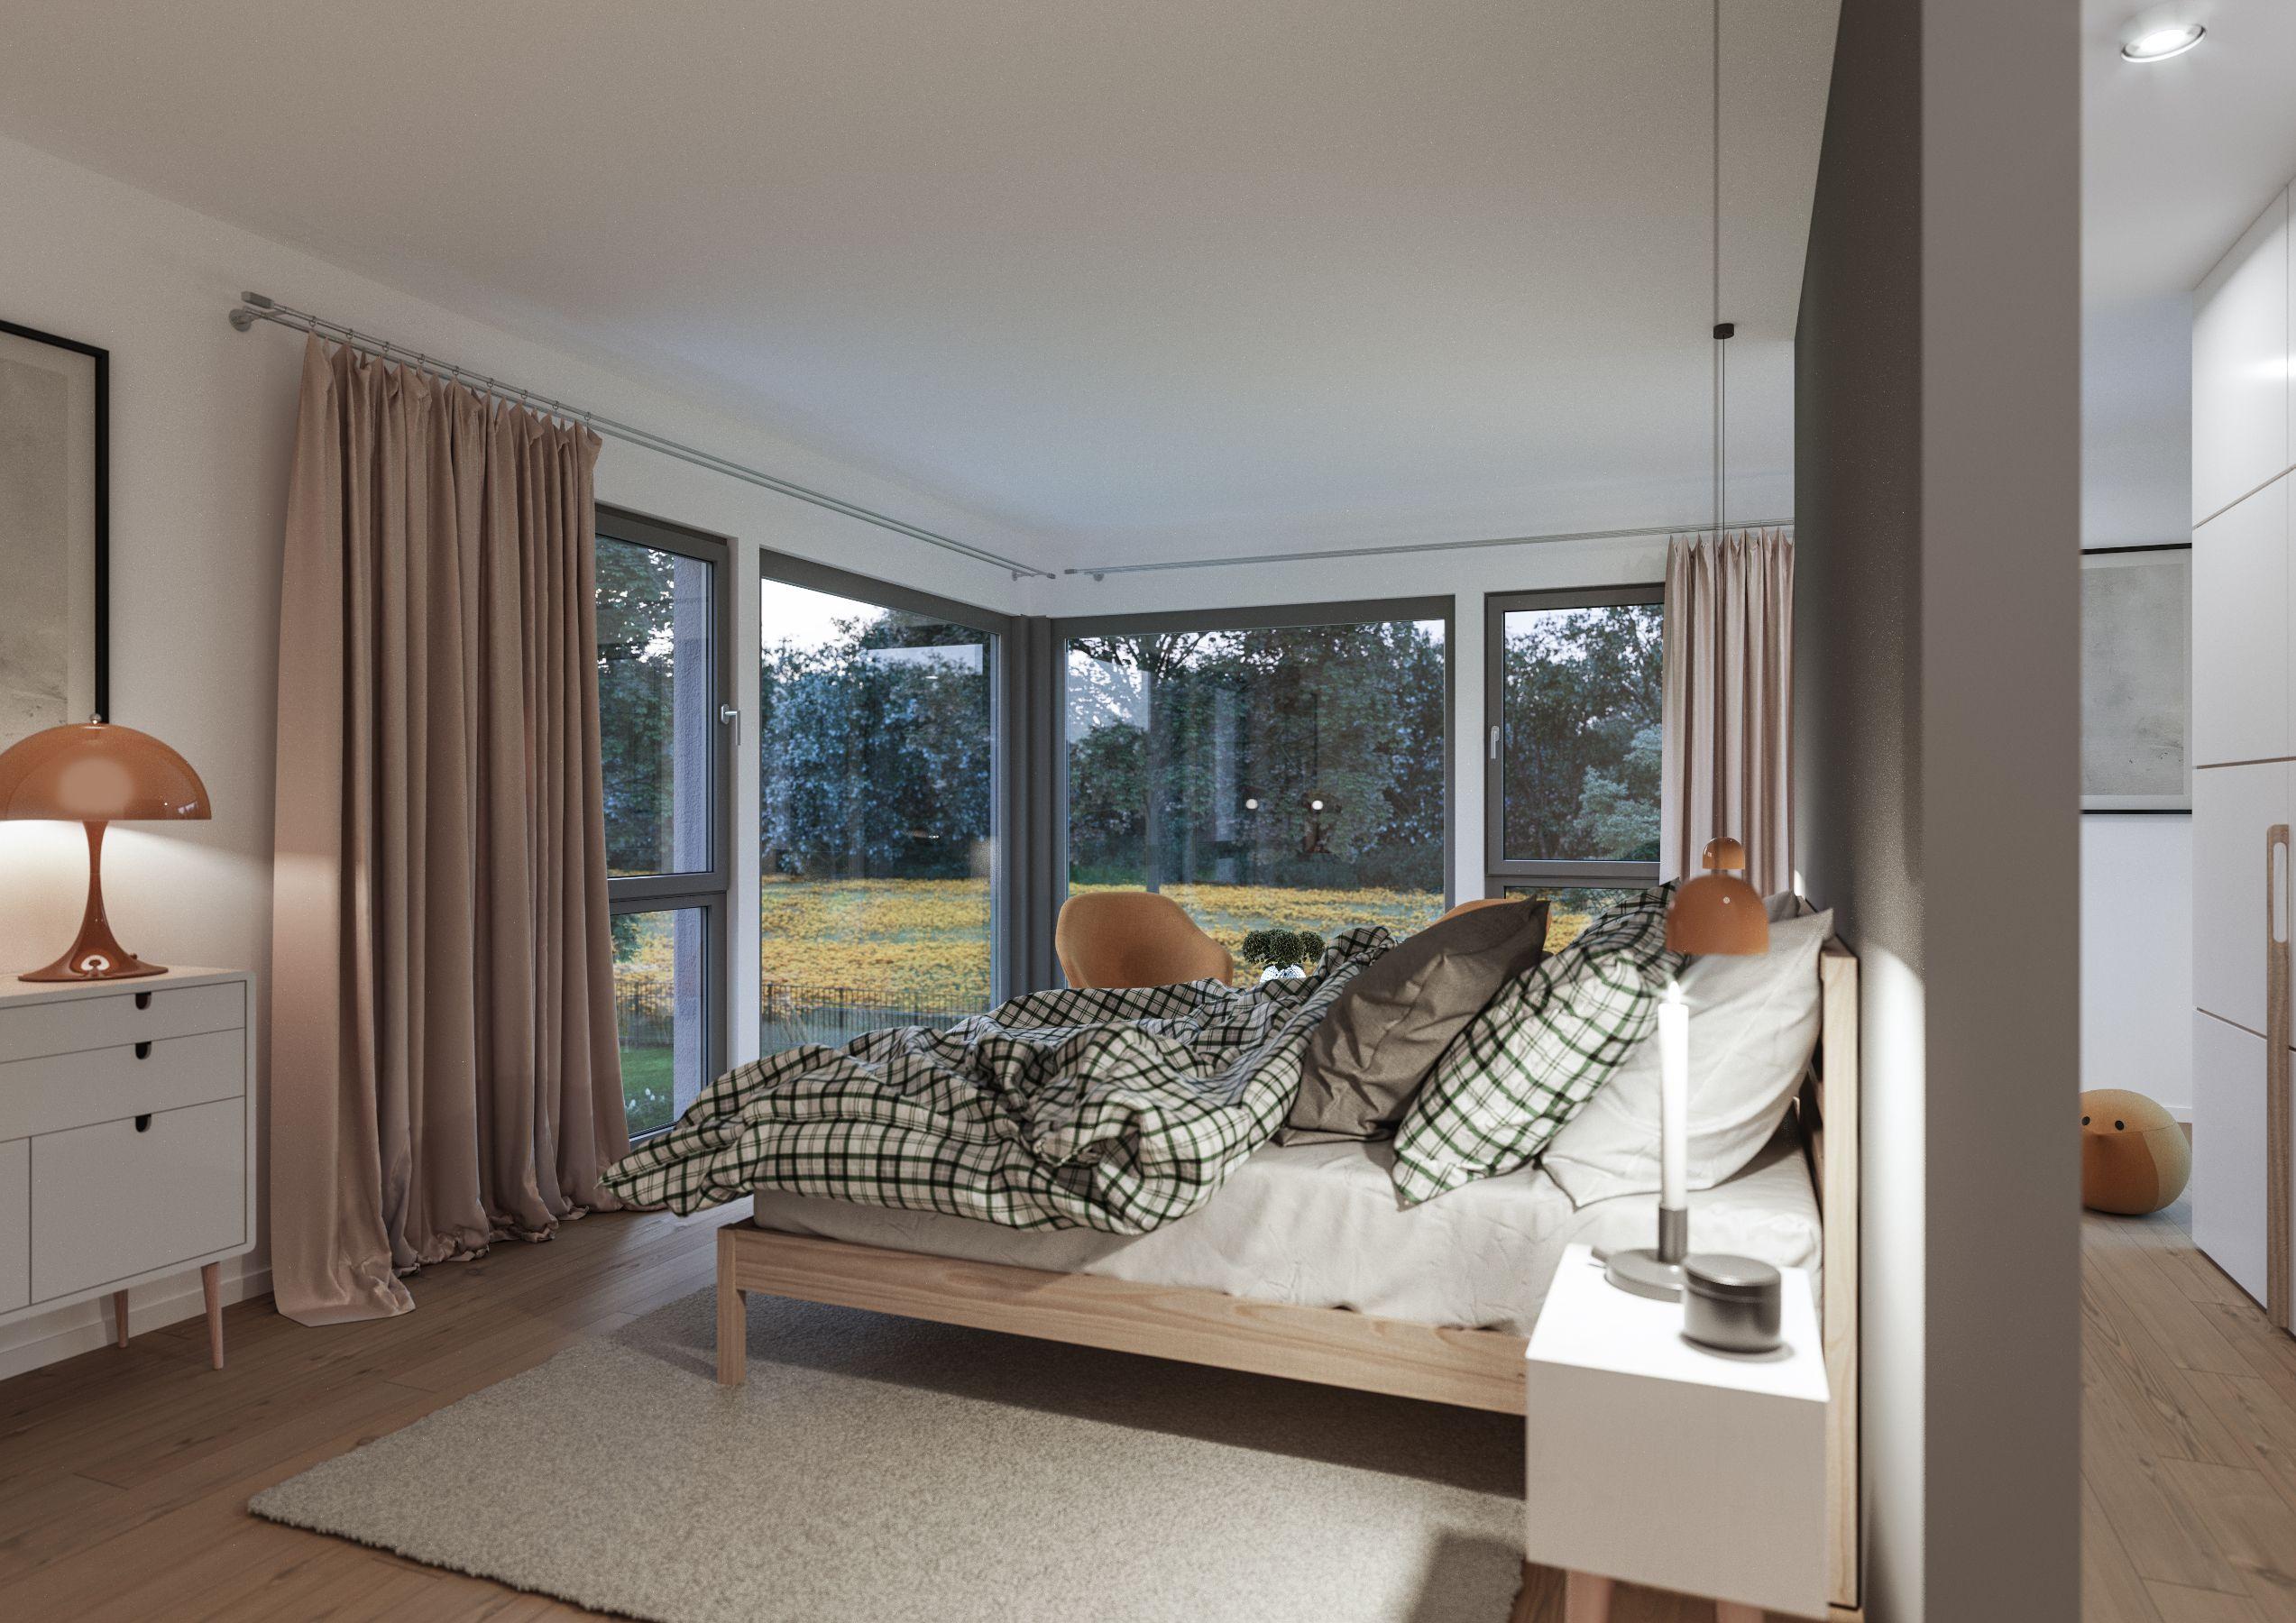 Schön Fensterfront Ideen Von Vom Bett Aus Schweift Der Blick Durch